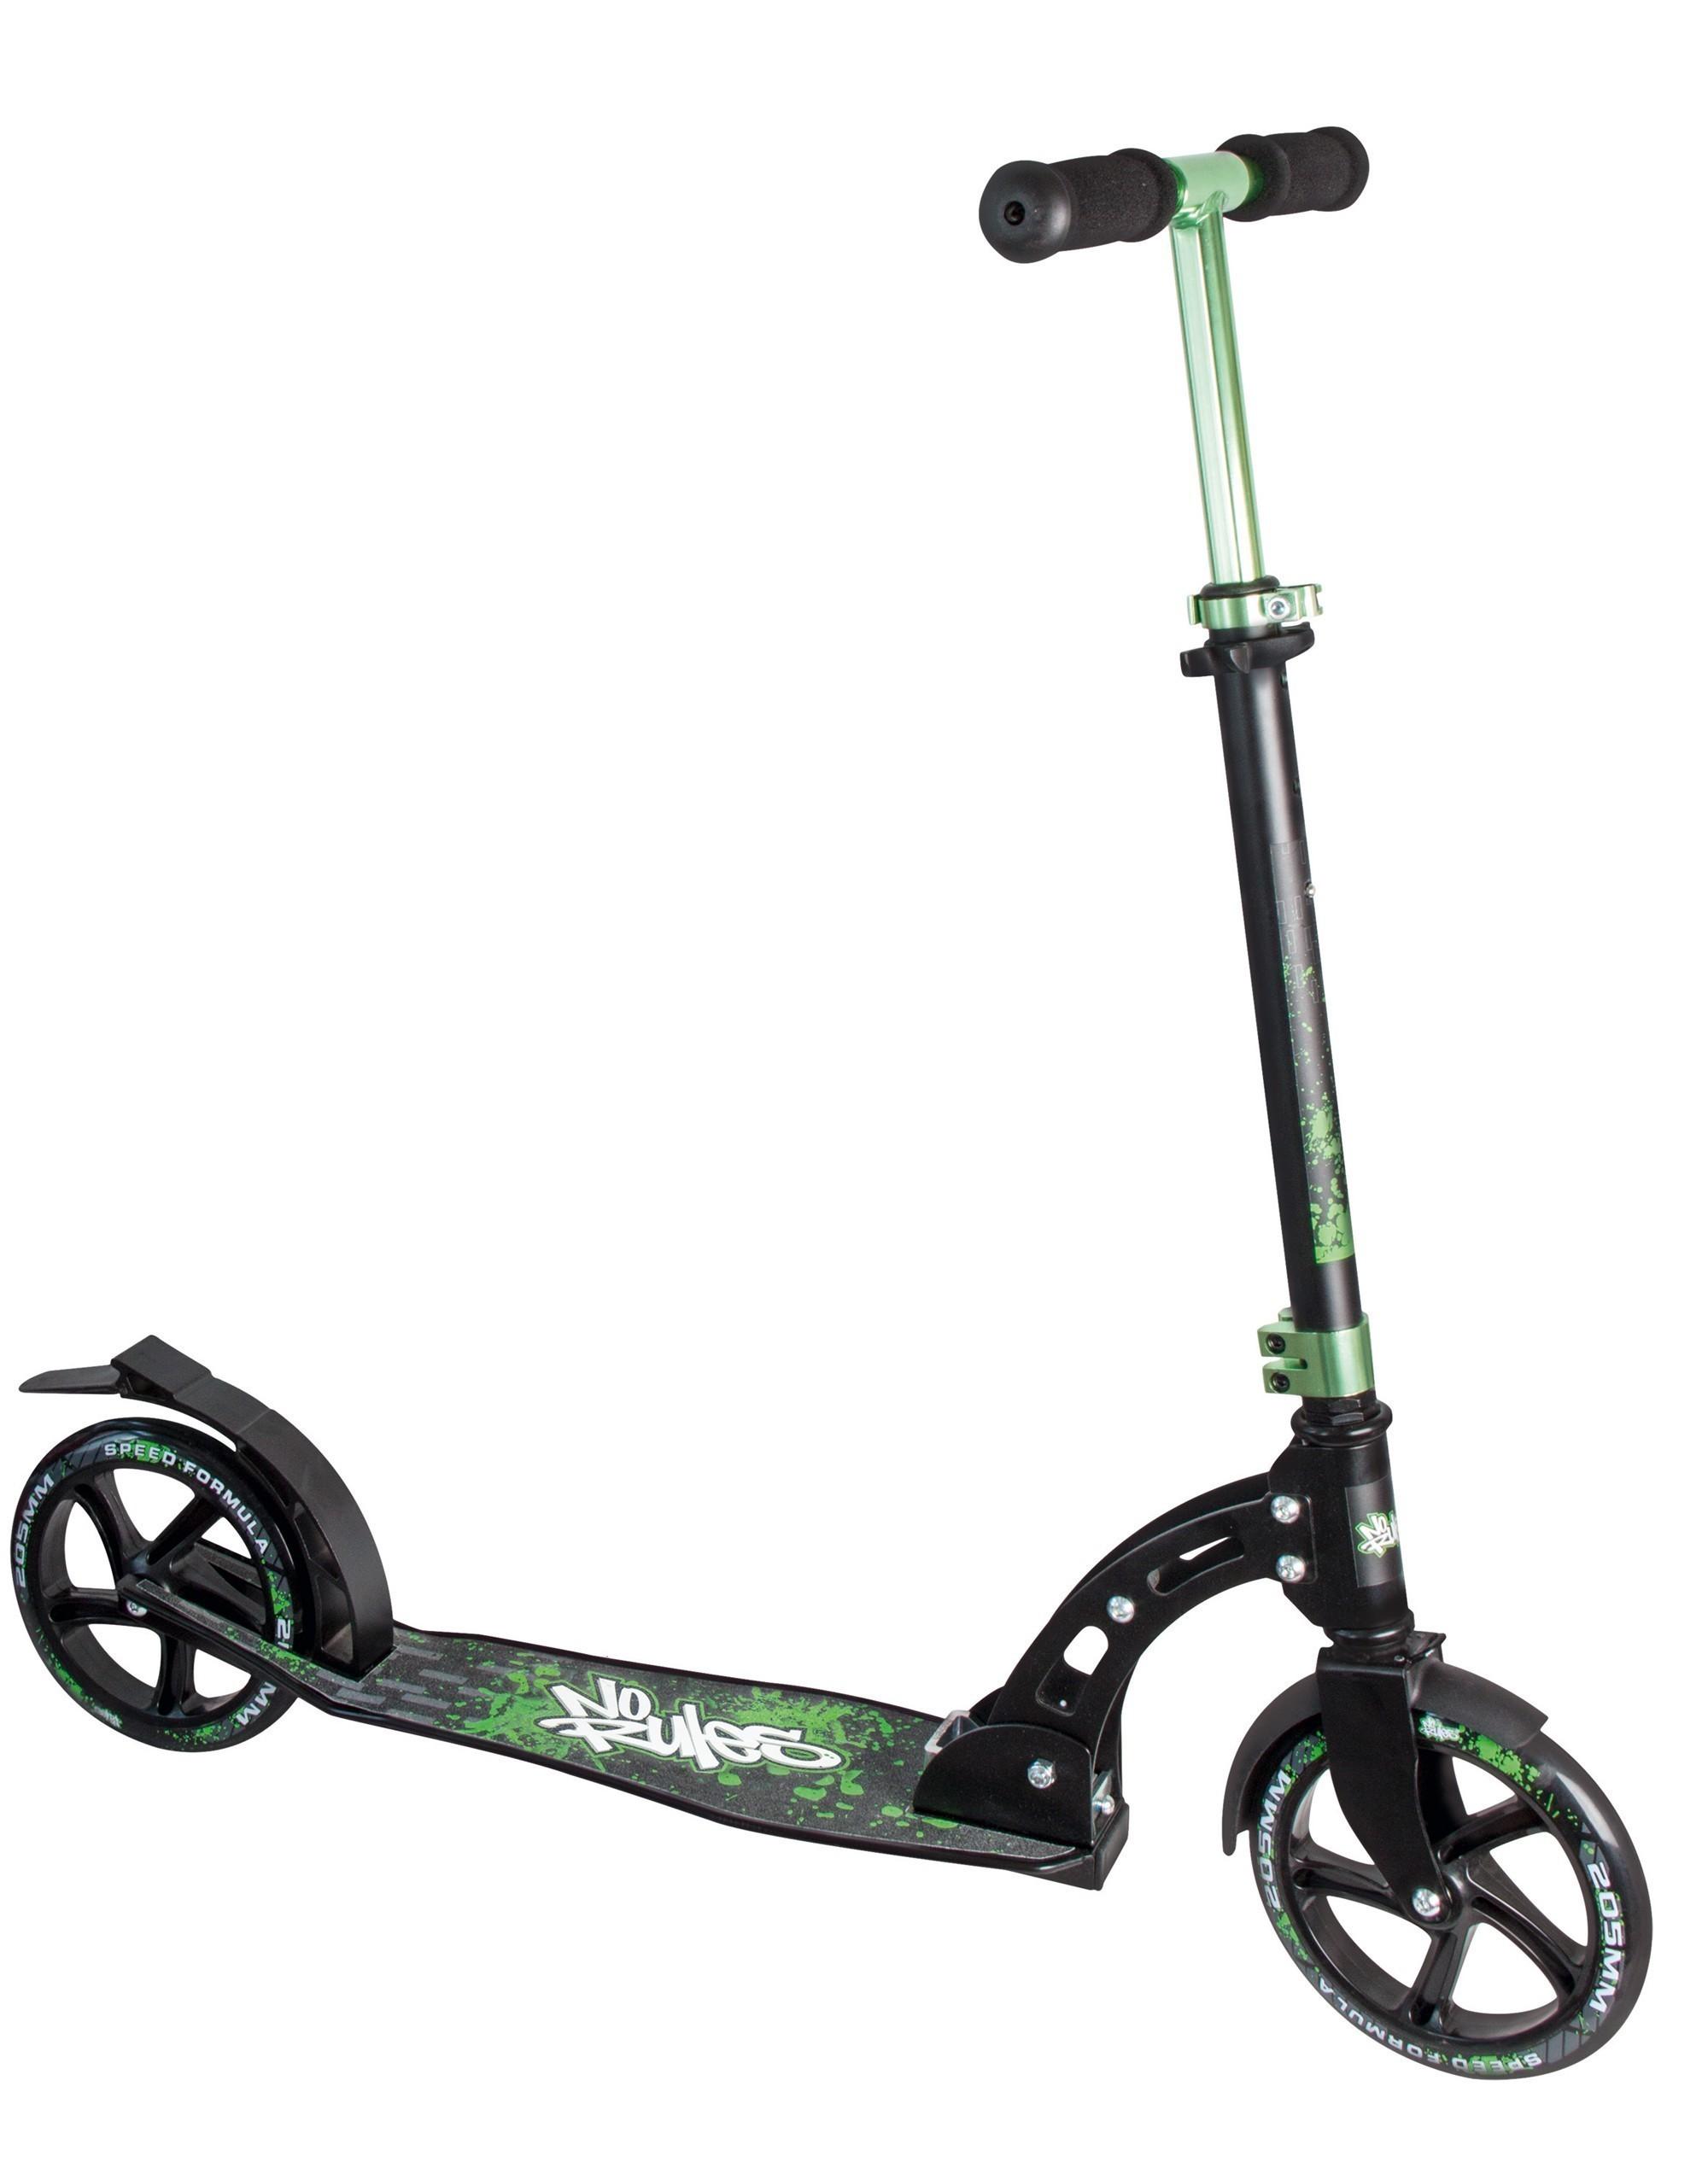 alu scooter cityroller no rules 205 schwarz gr n bei. Black Bedroom Furniture Sets. Home Design Ideas